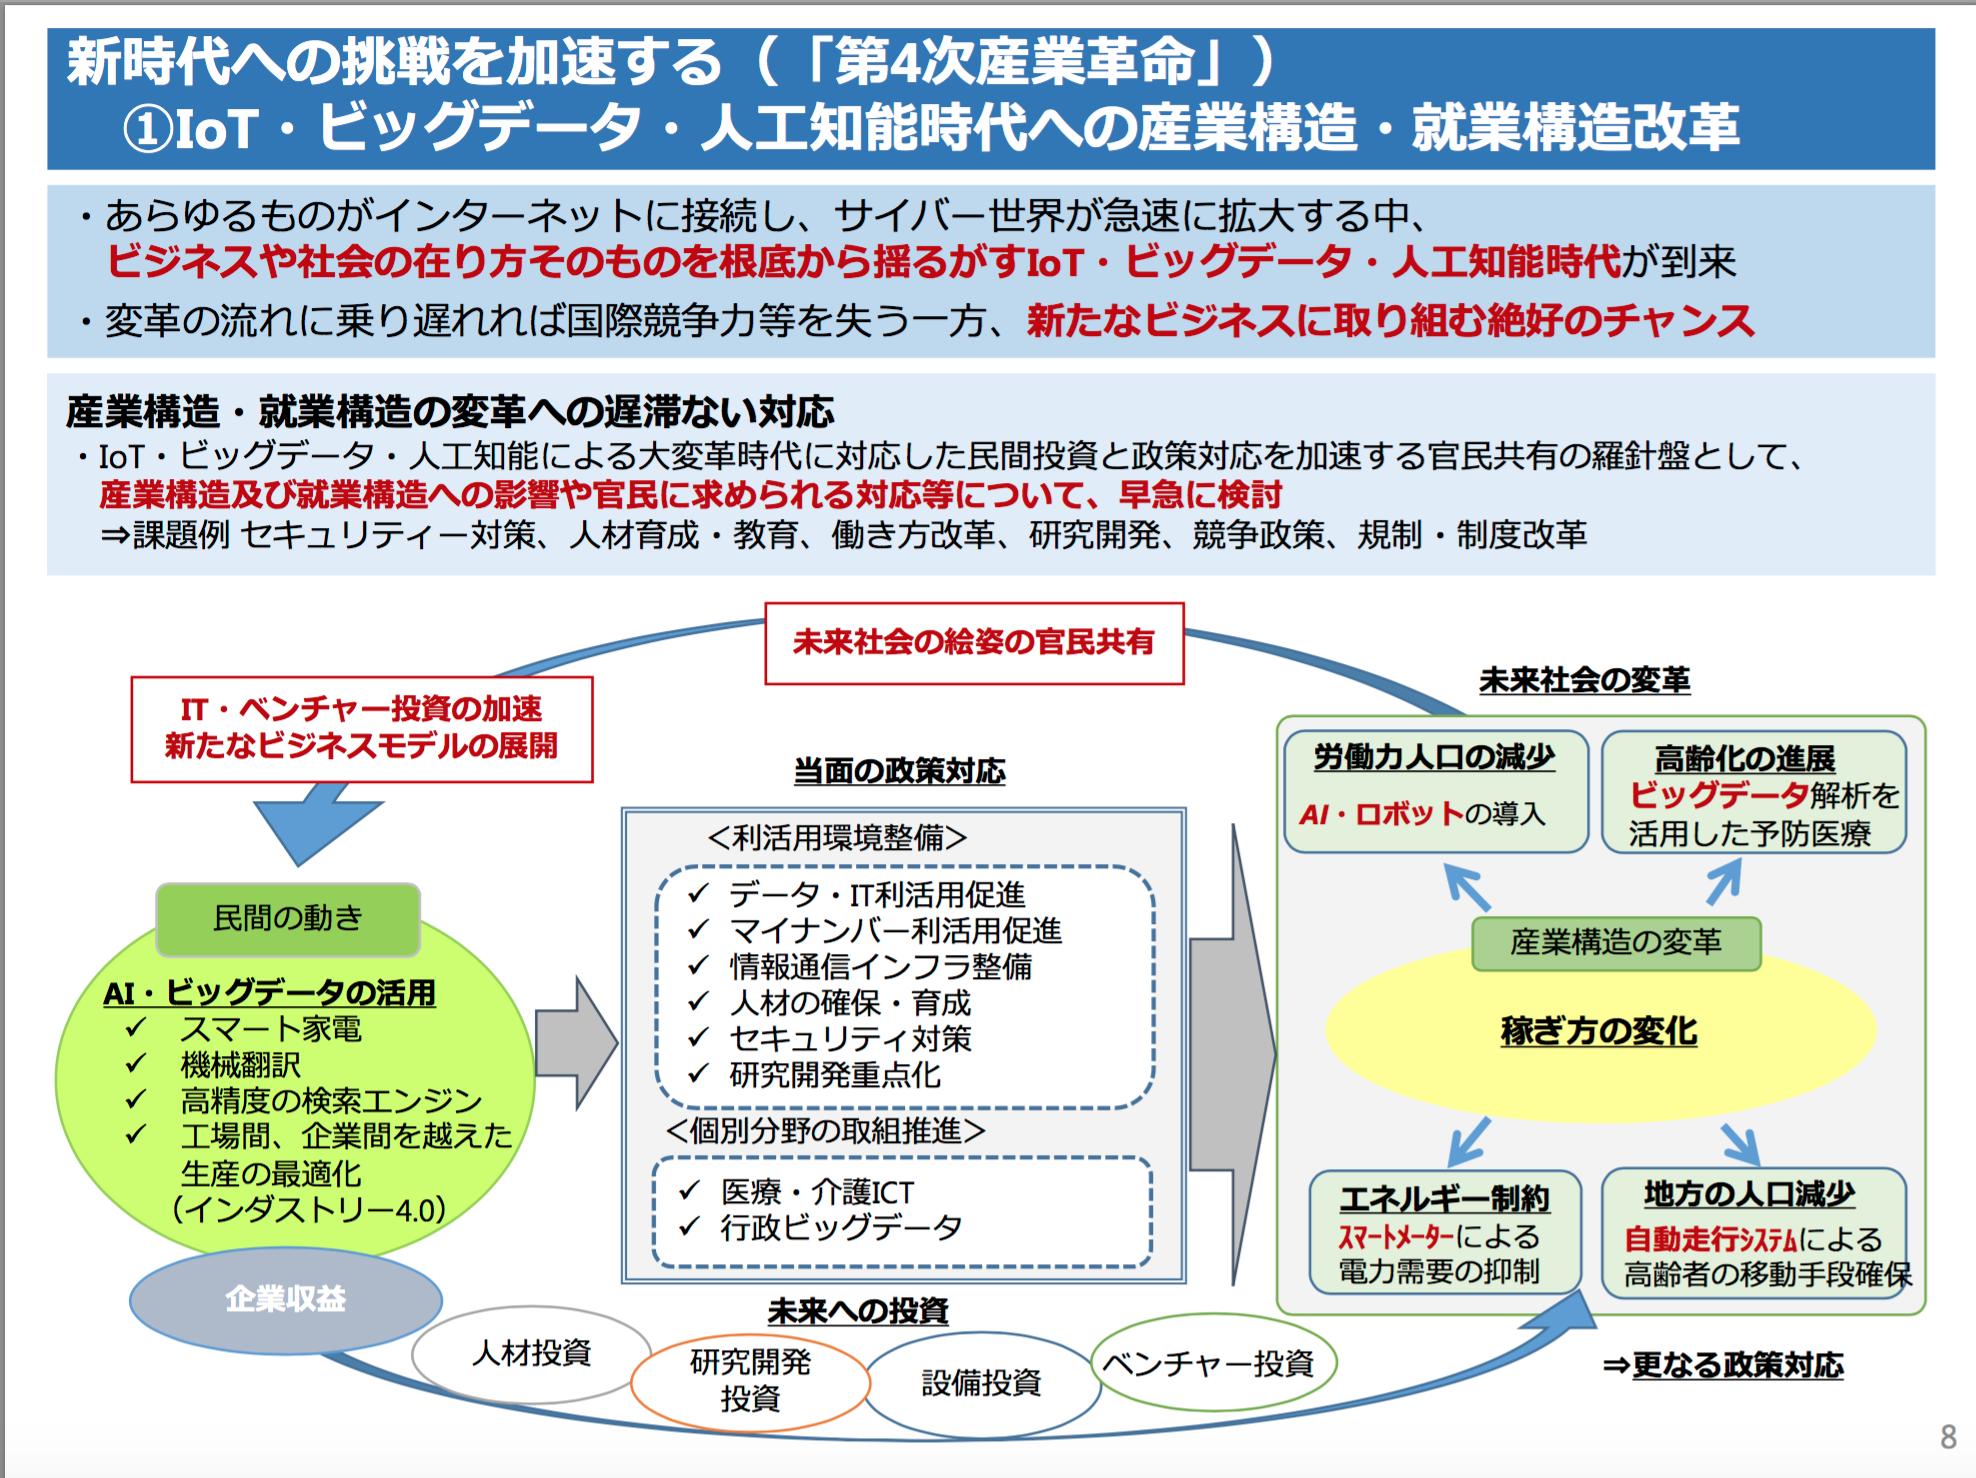 日本再興戦略2015ー8